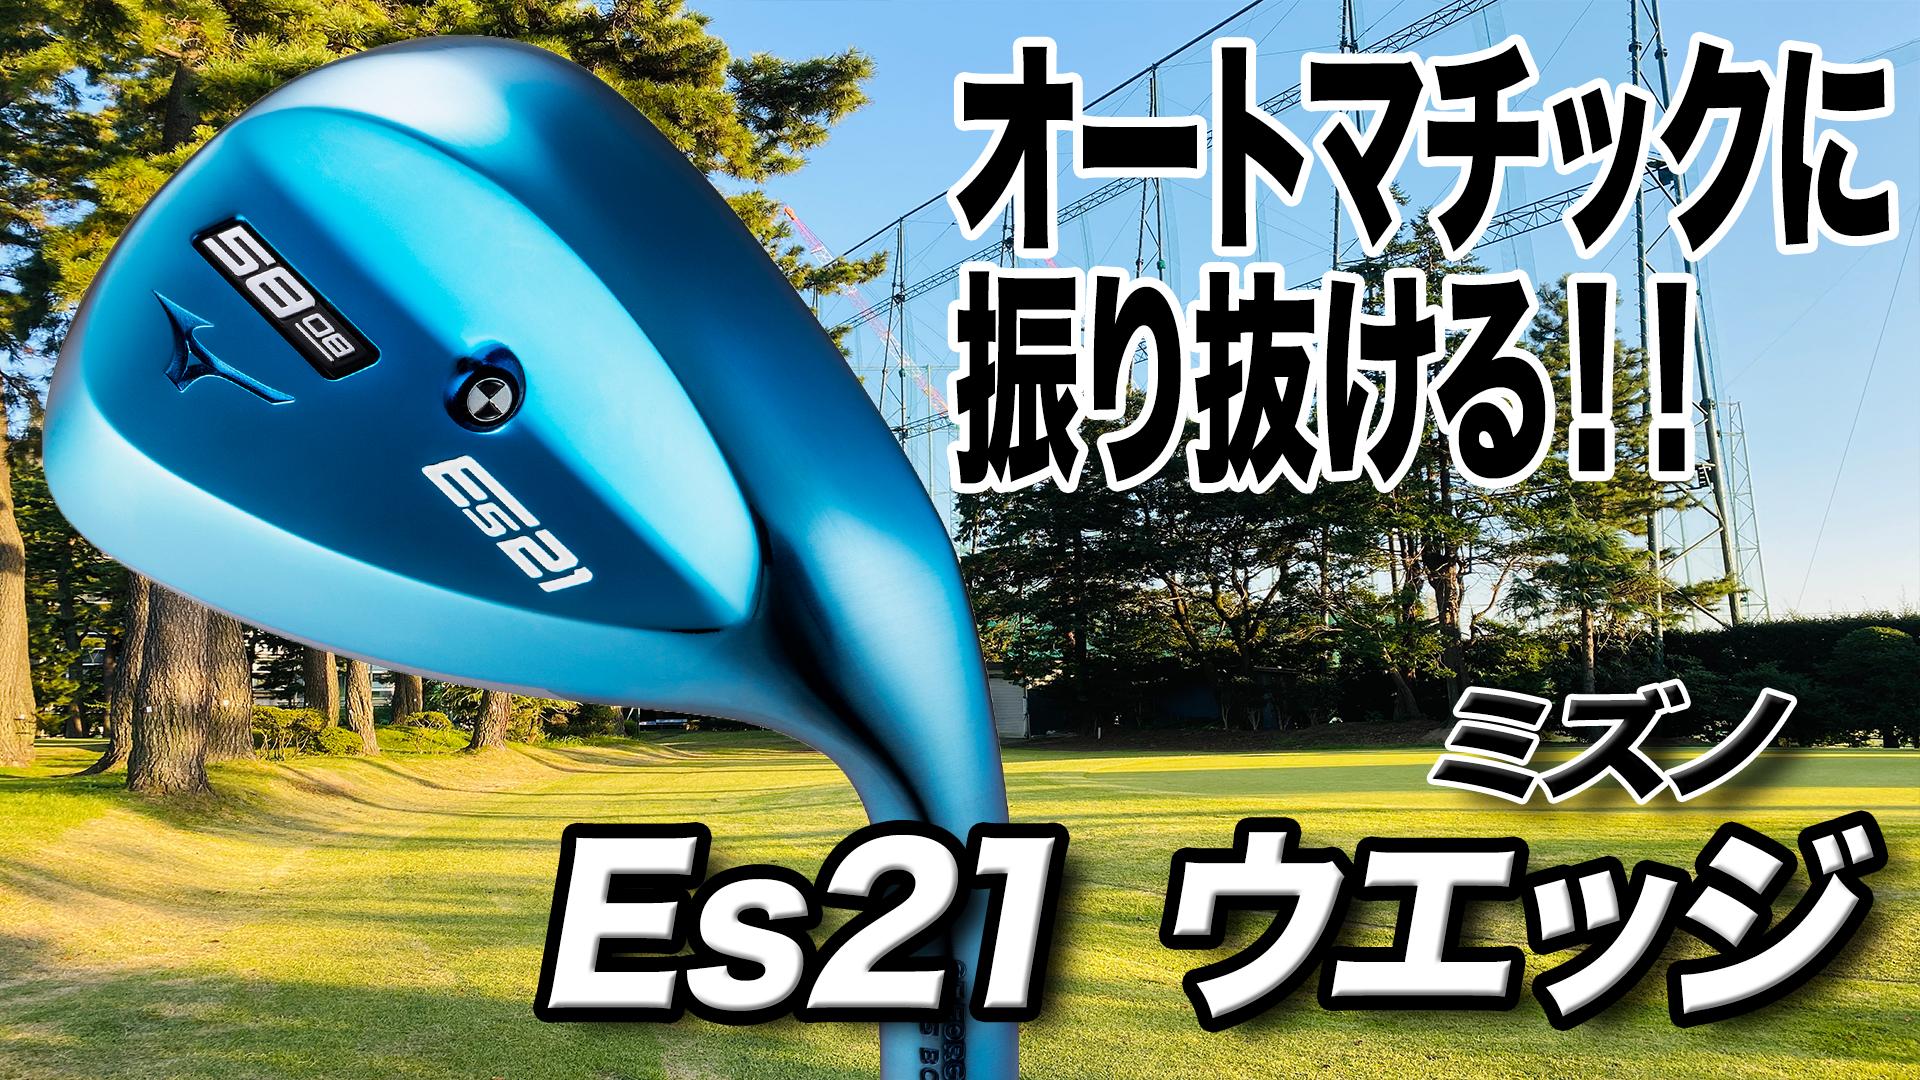 ミズノ「Es21 ウェッジ」【レビュー企画】